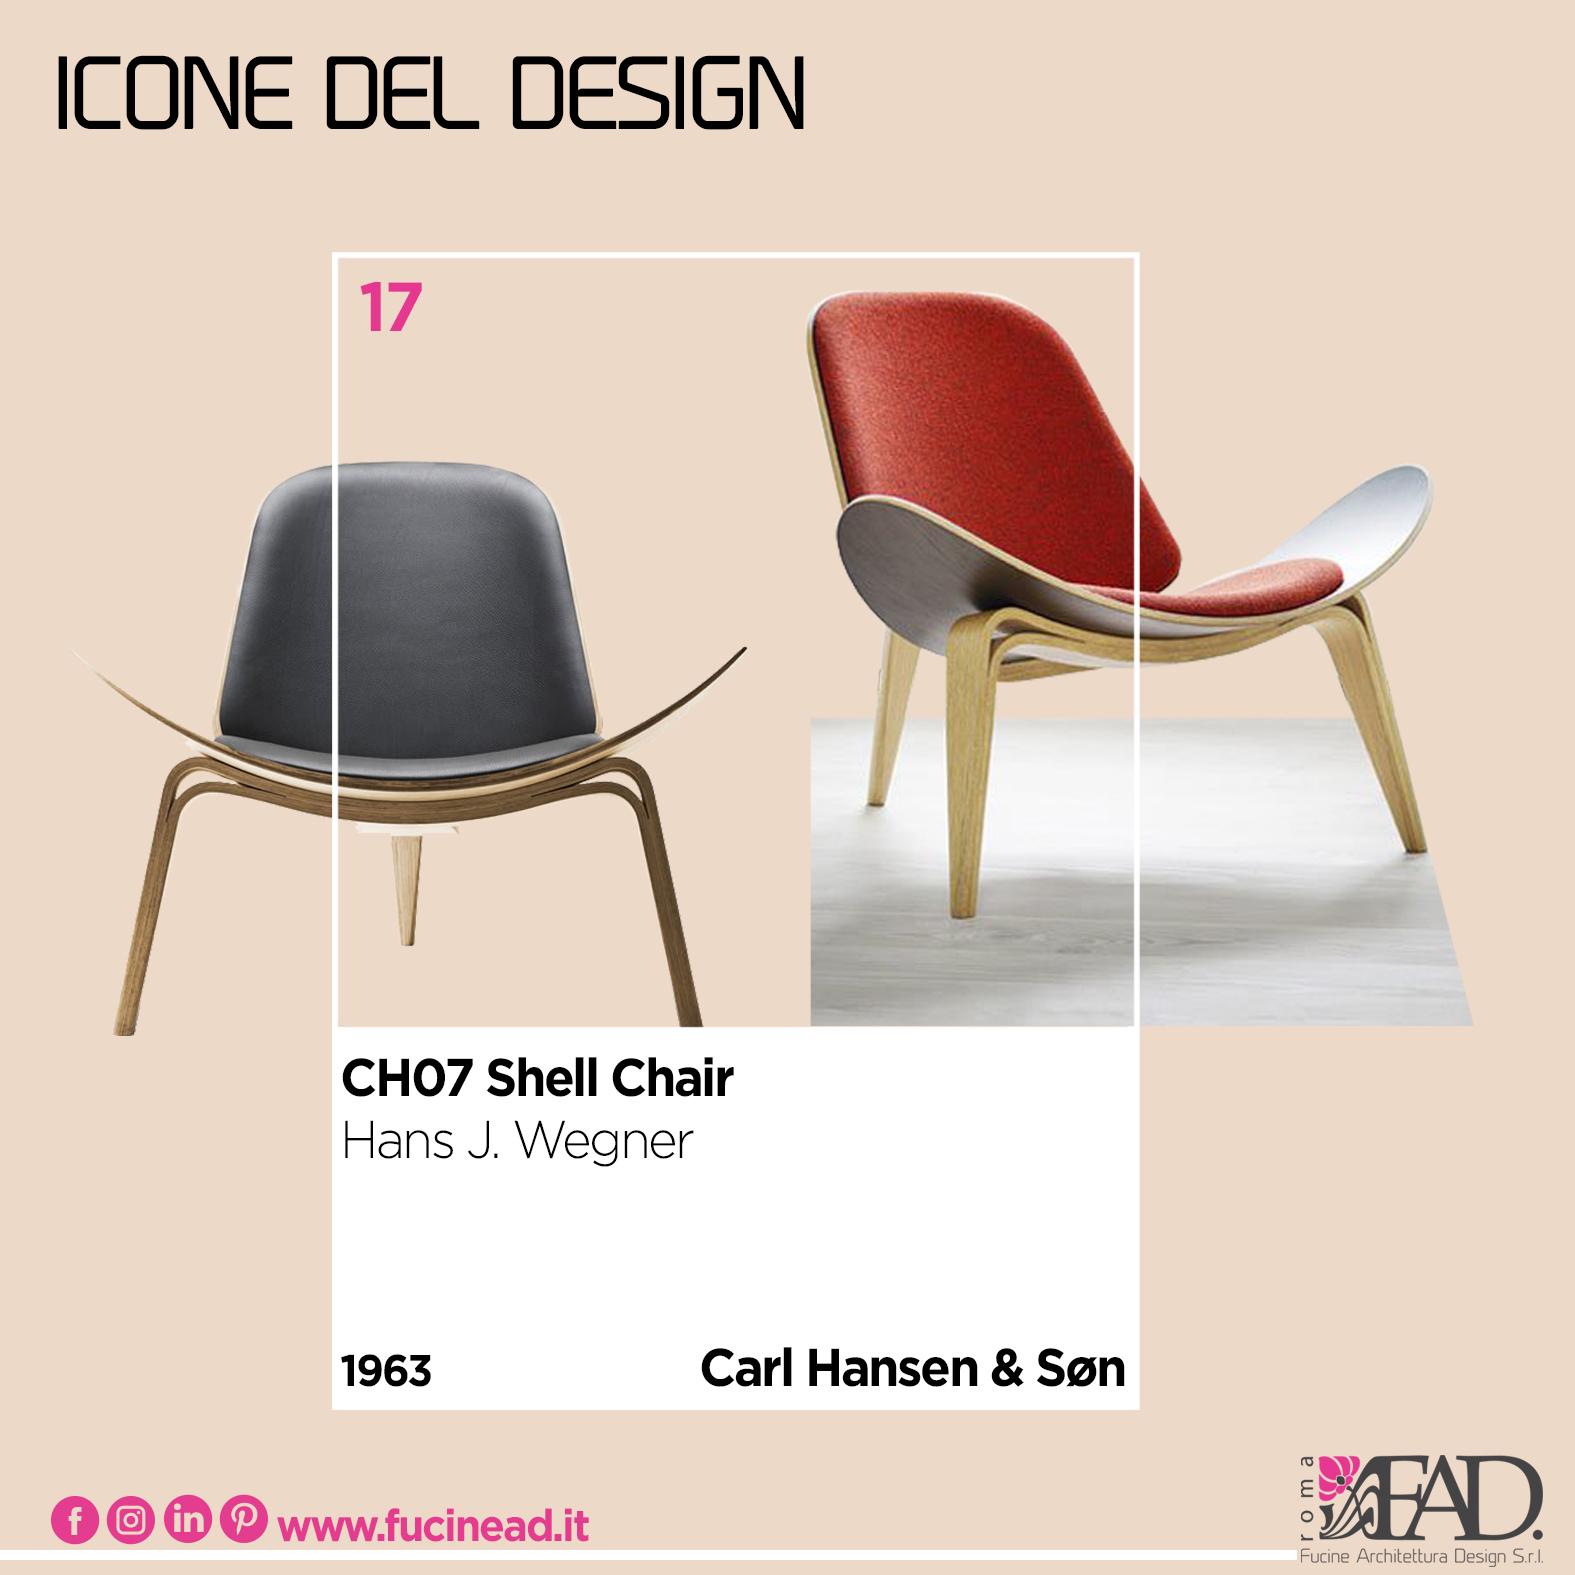 17 - Sedia Ch07_Shellchair_CH07_Iconadeldesign_Design-fad-architettura-studio-forniti